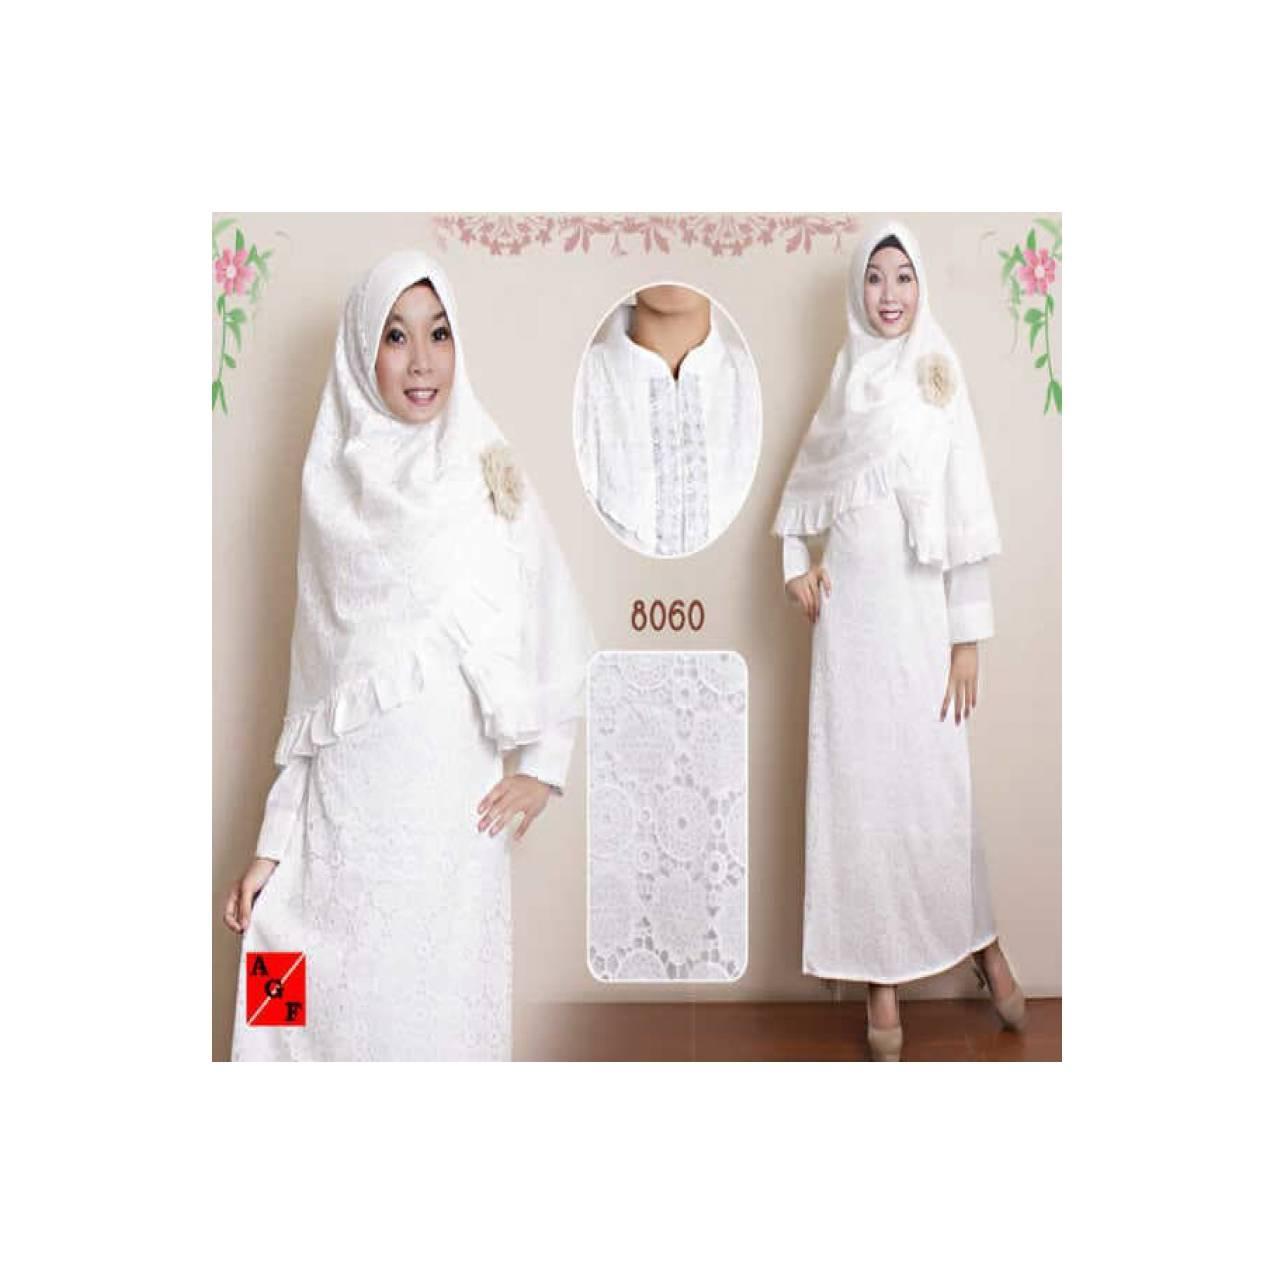 Gamis kerudung putih set bahan silk+ renda, cocok buat naik haji/umroh